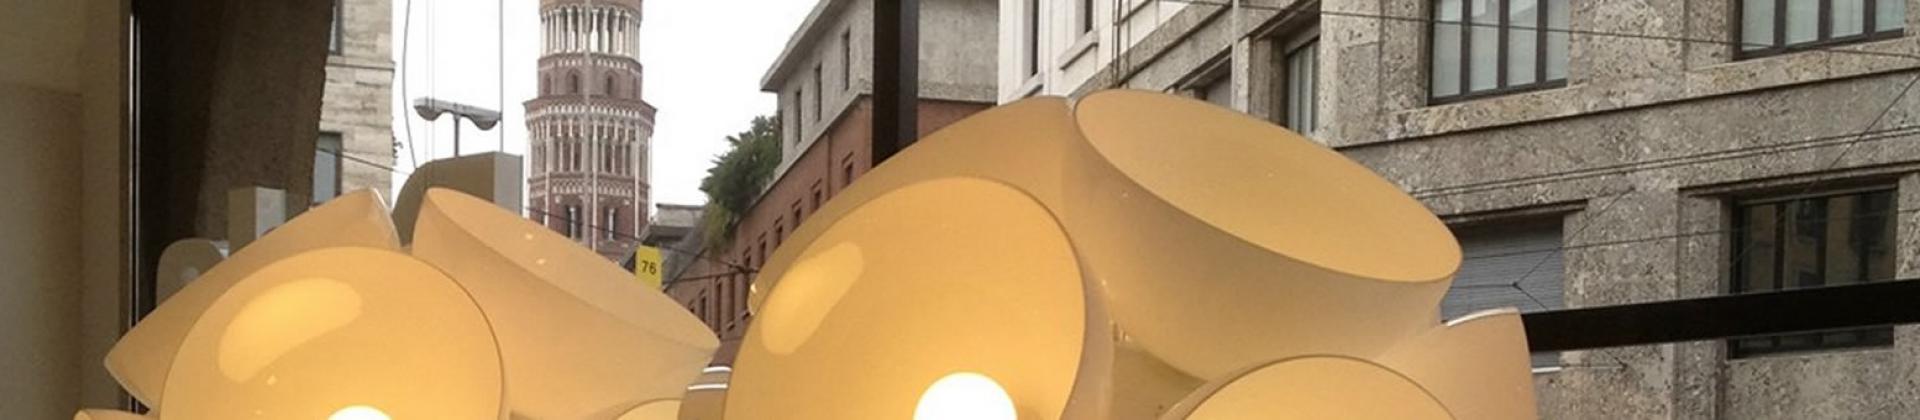 Glo Penta - Lámparas de diseño